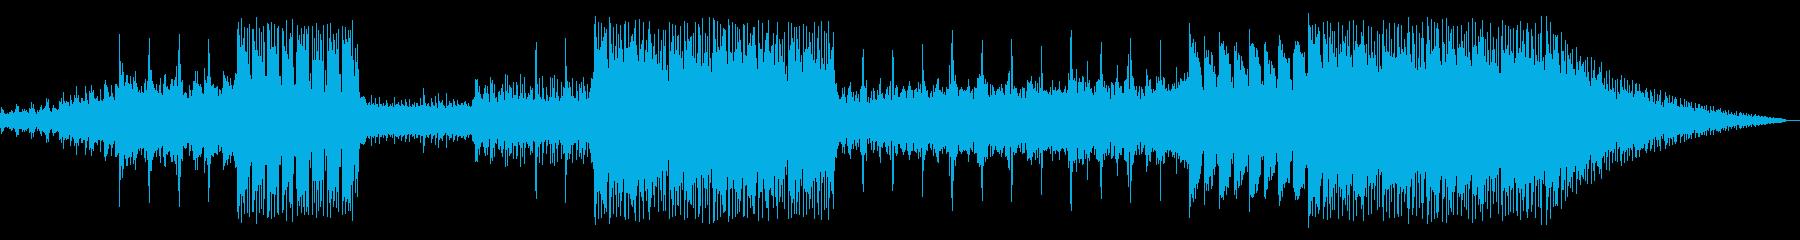 法人 説明的 静か クール ハイテ...の再生済みの波形